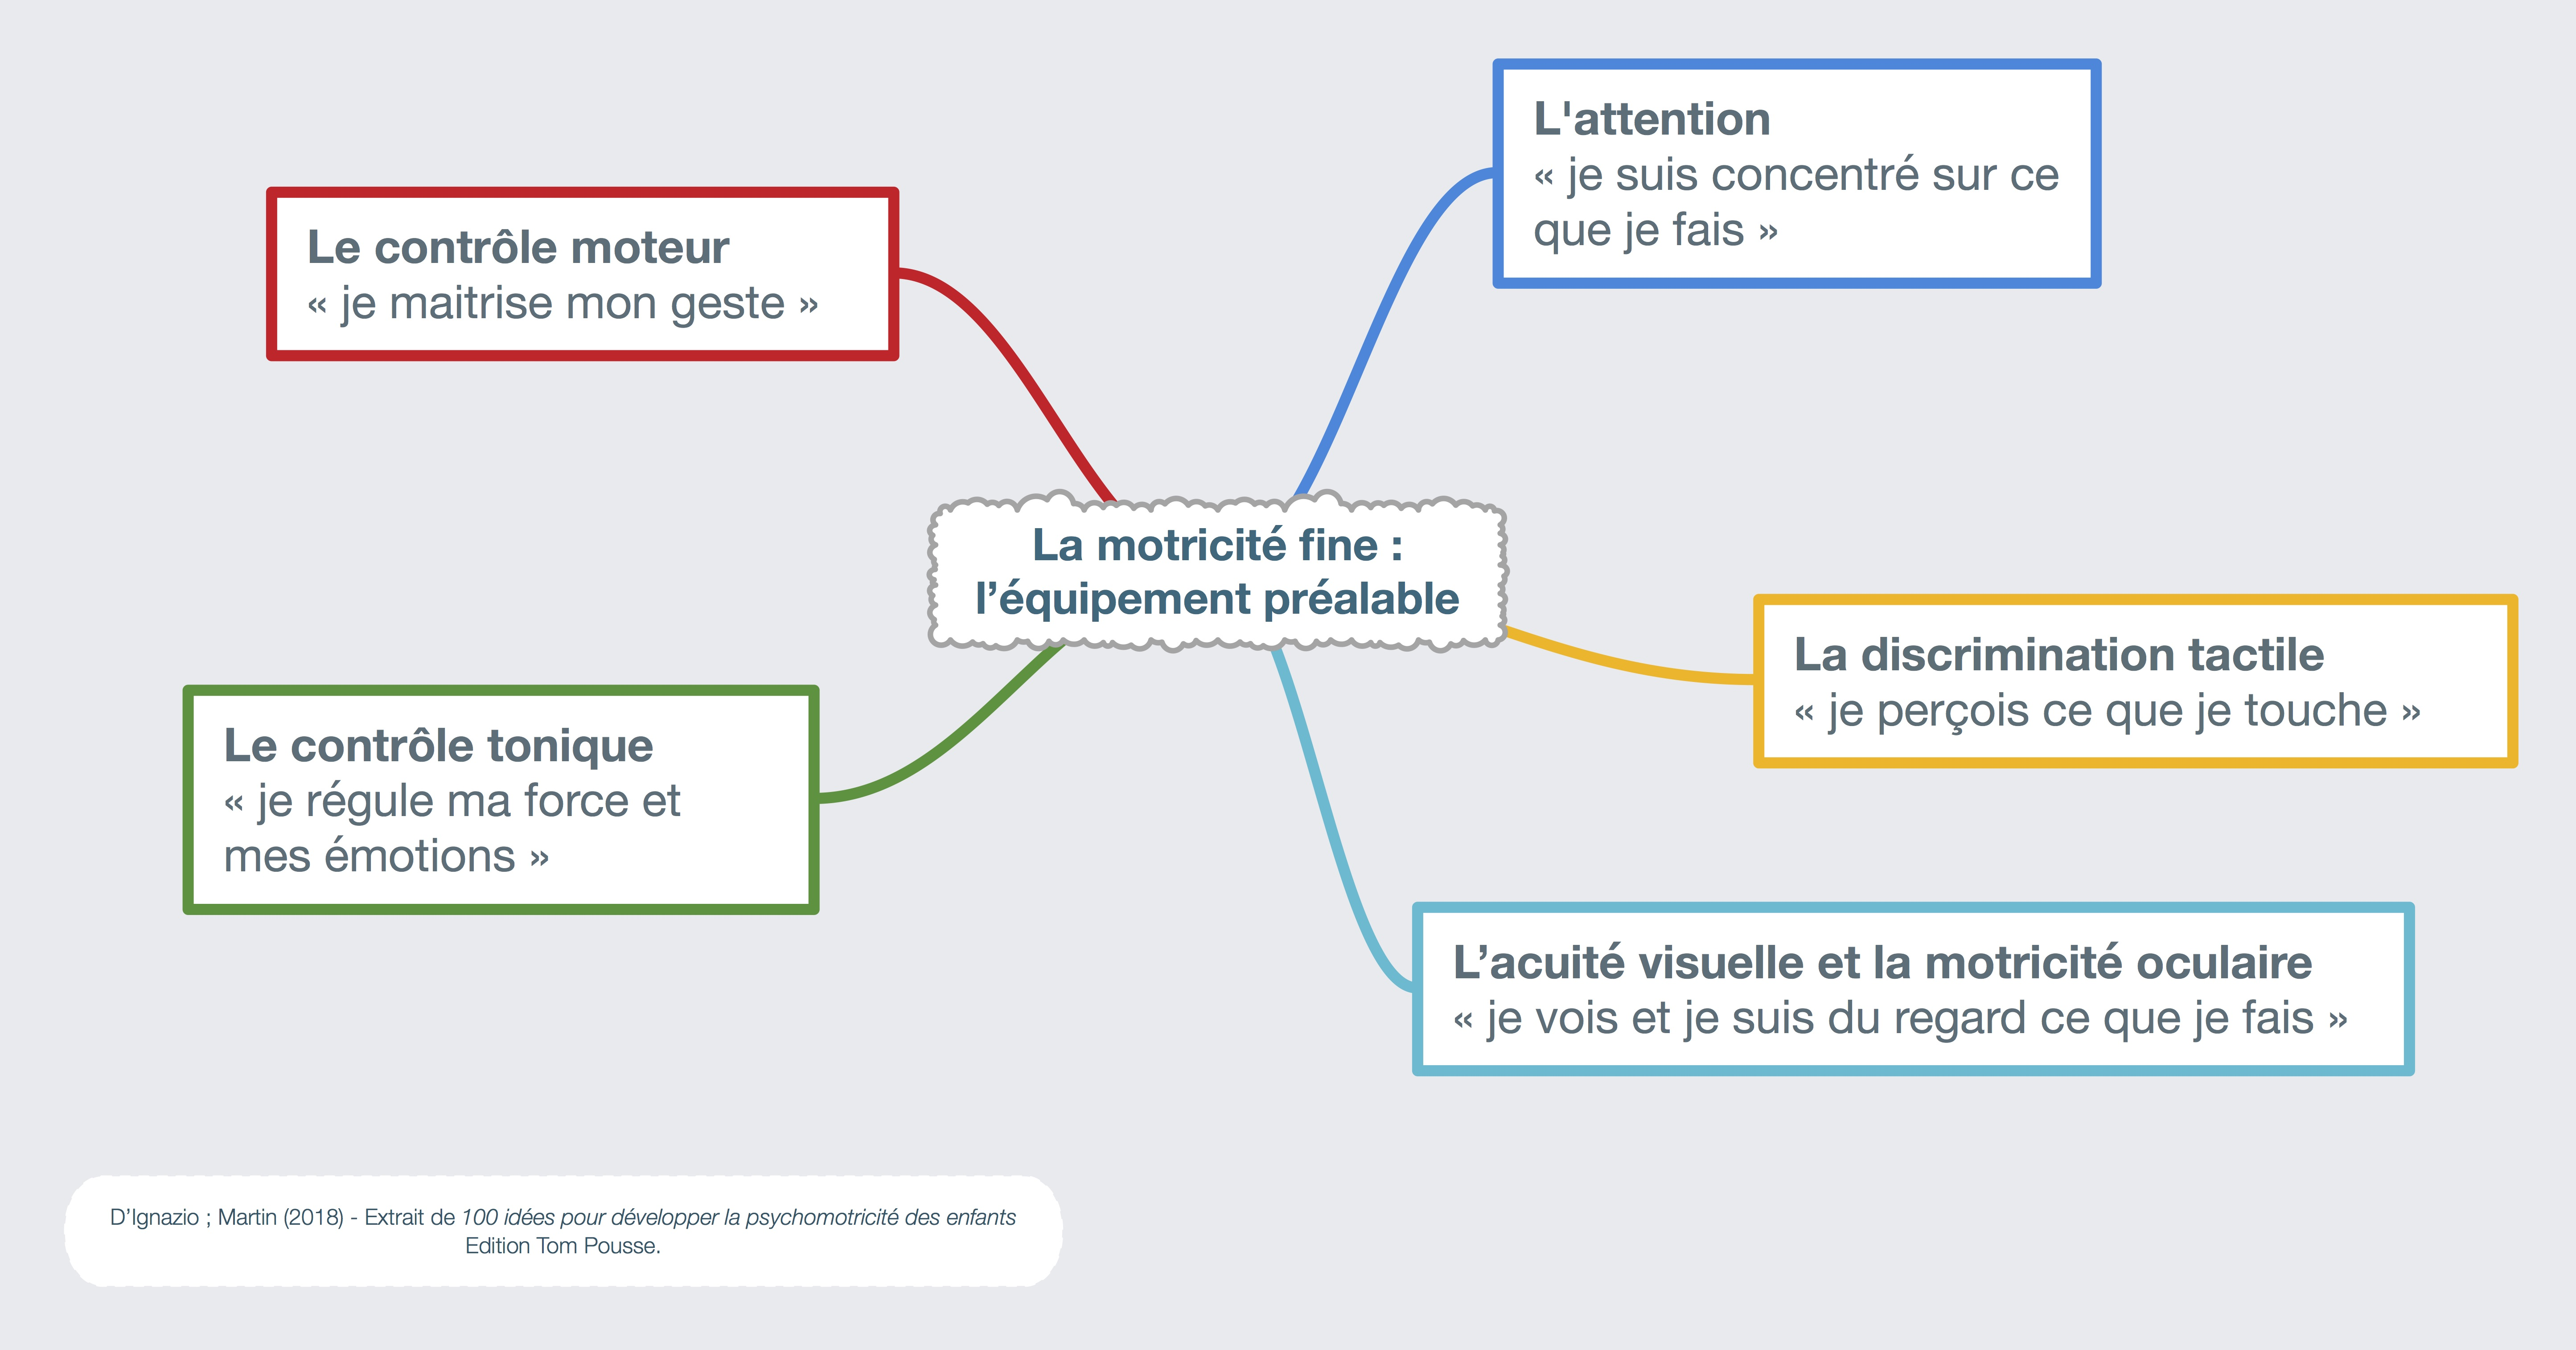 La Motricité Fine - Modélisation de l'équipement préalable [D'Ignazio-Martin-100 idées pour developper la psychomotricité]